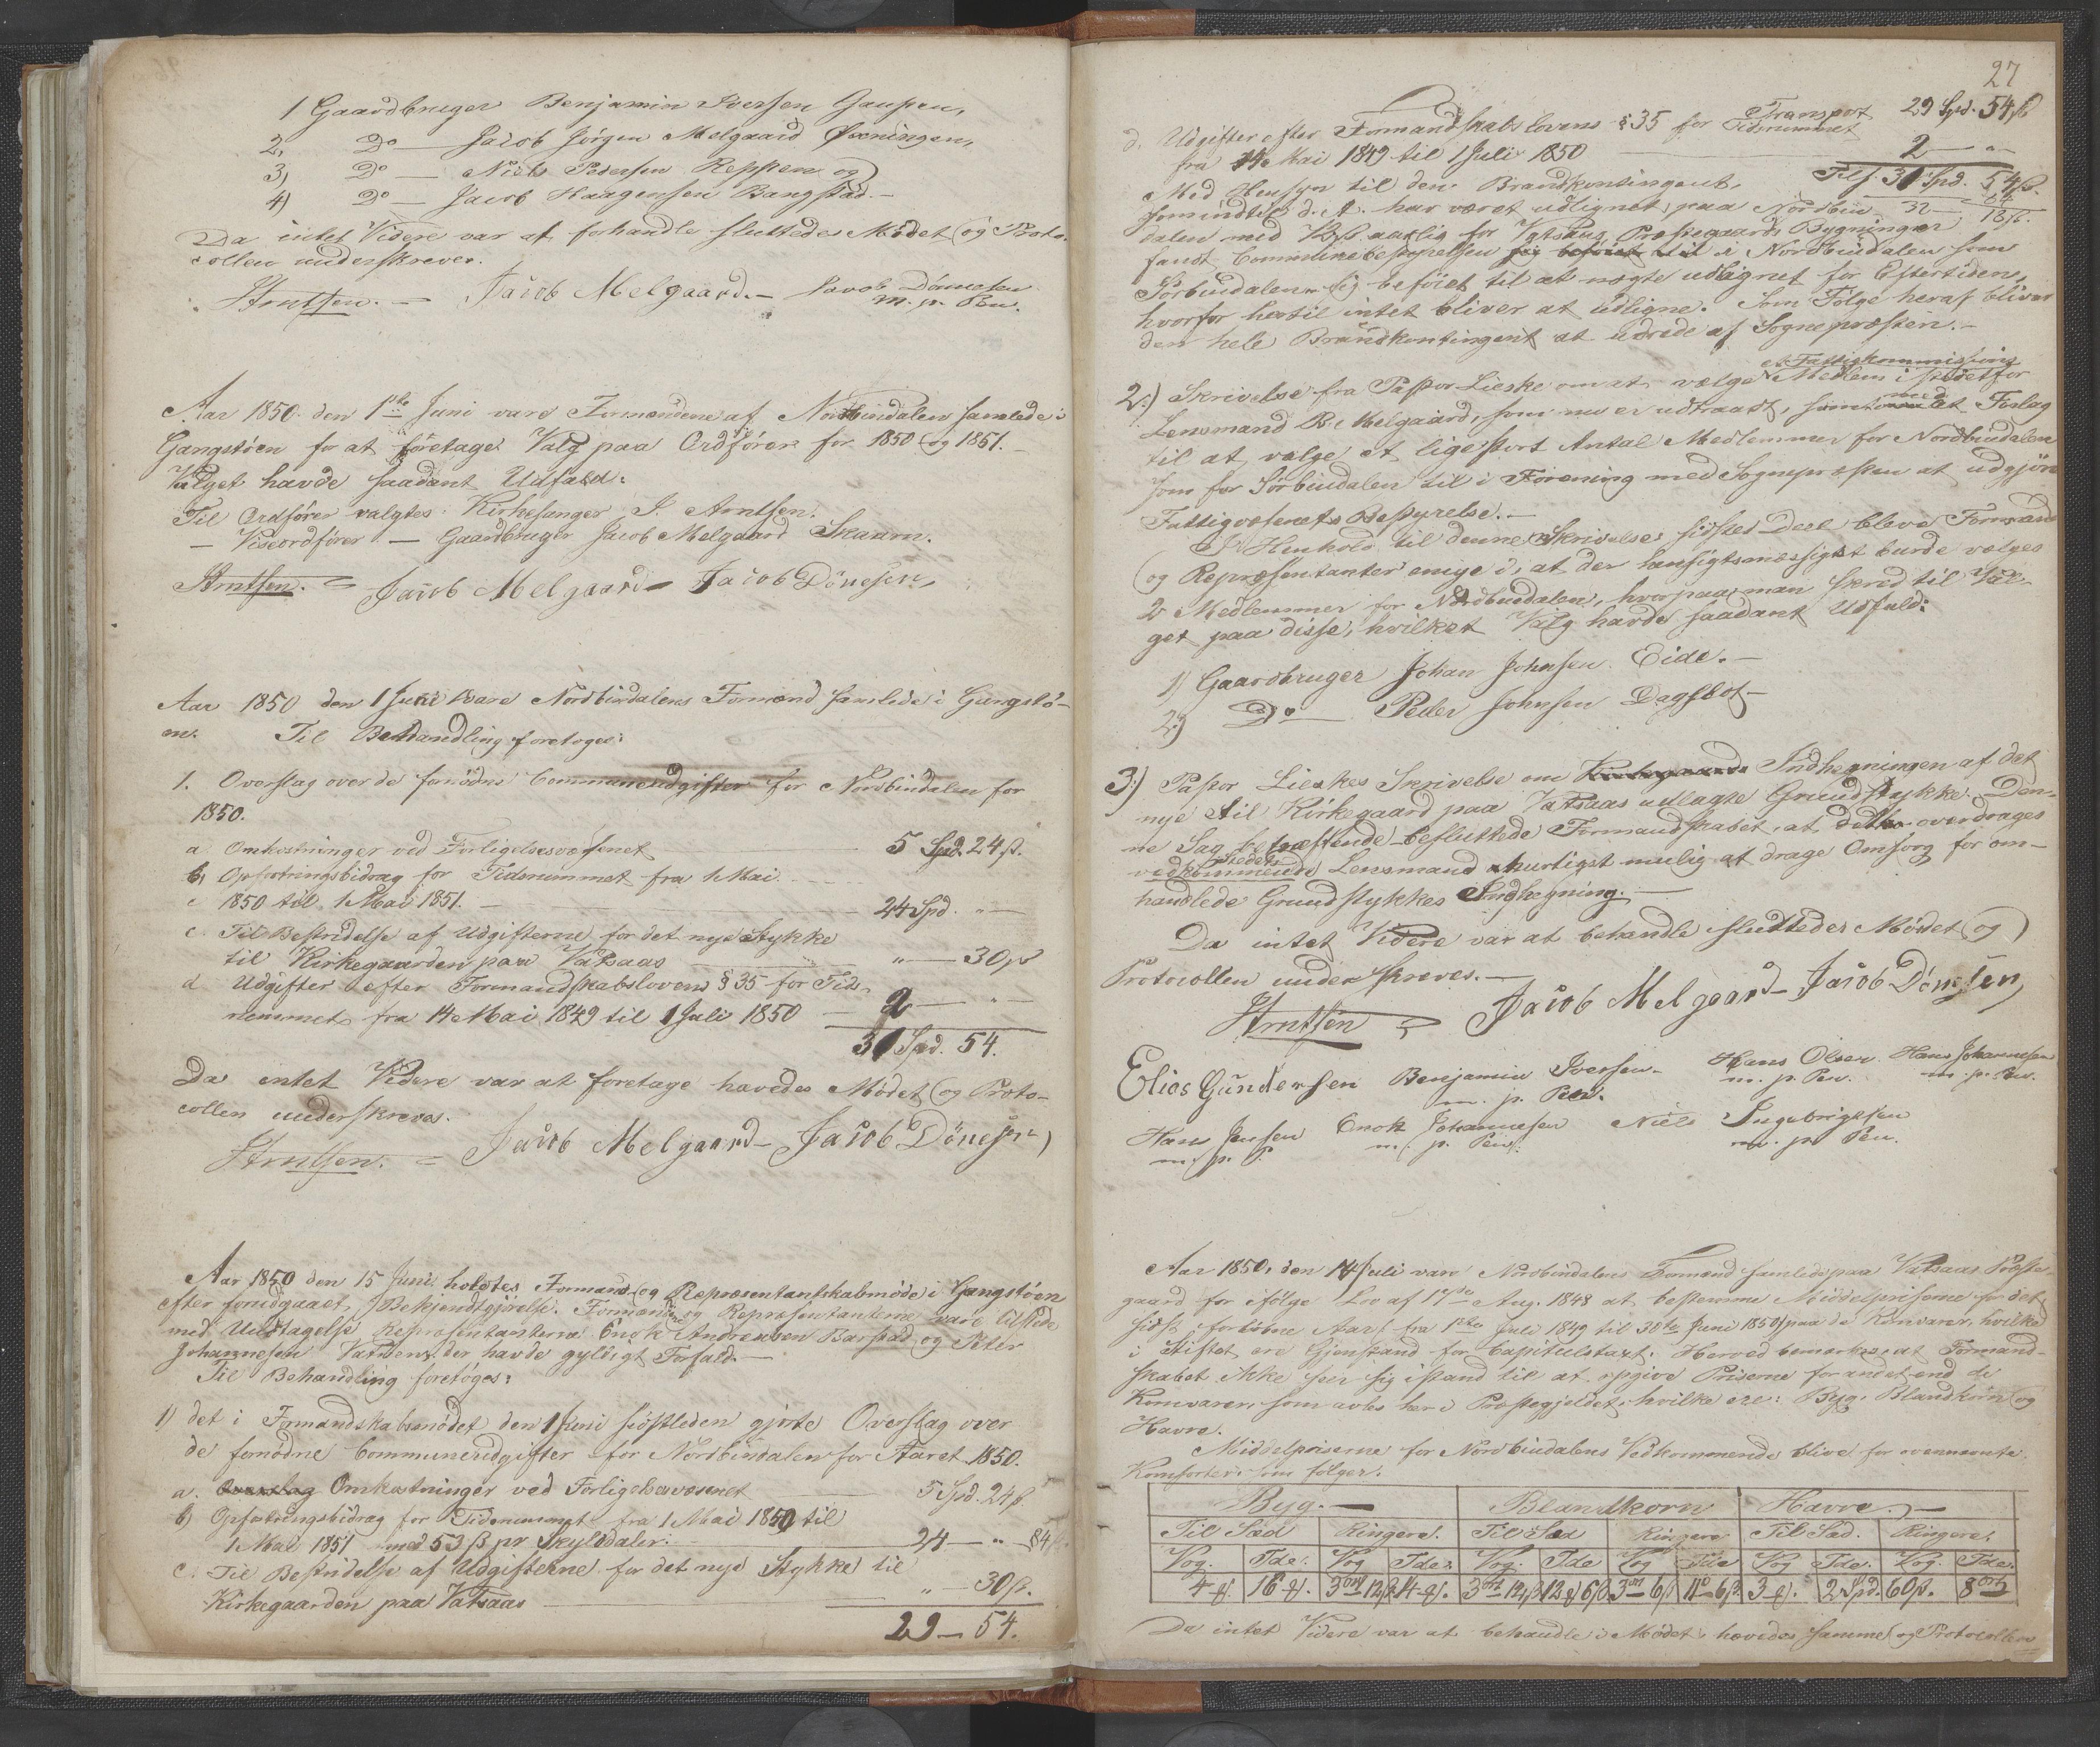 AIN, Bindal kommune. Formannskapet, A/Aa/L0000a: Møtebok, 1843-1881, s. 27